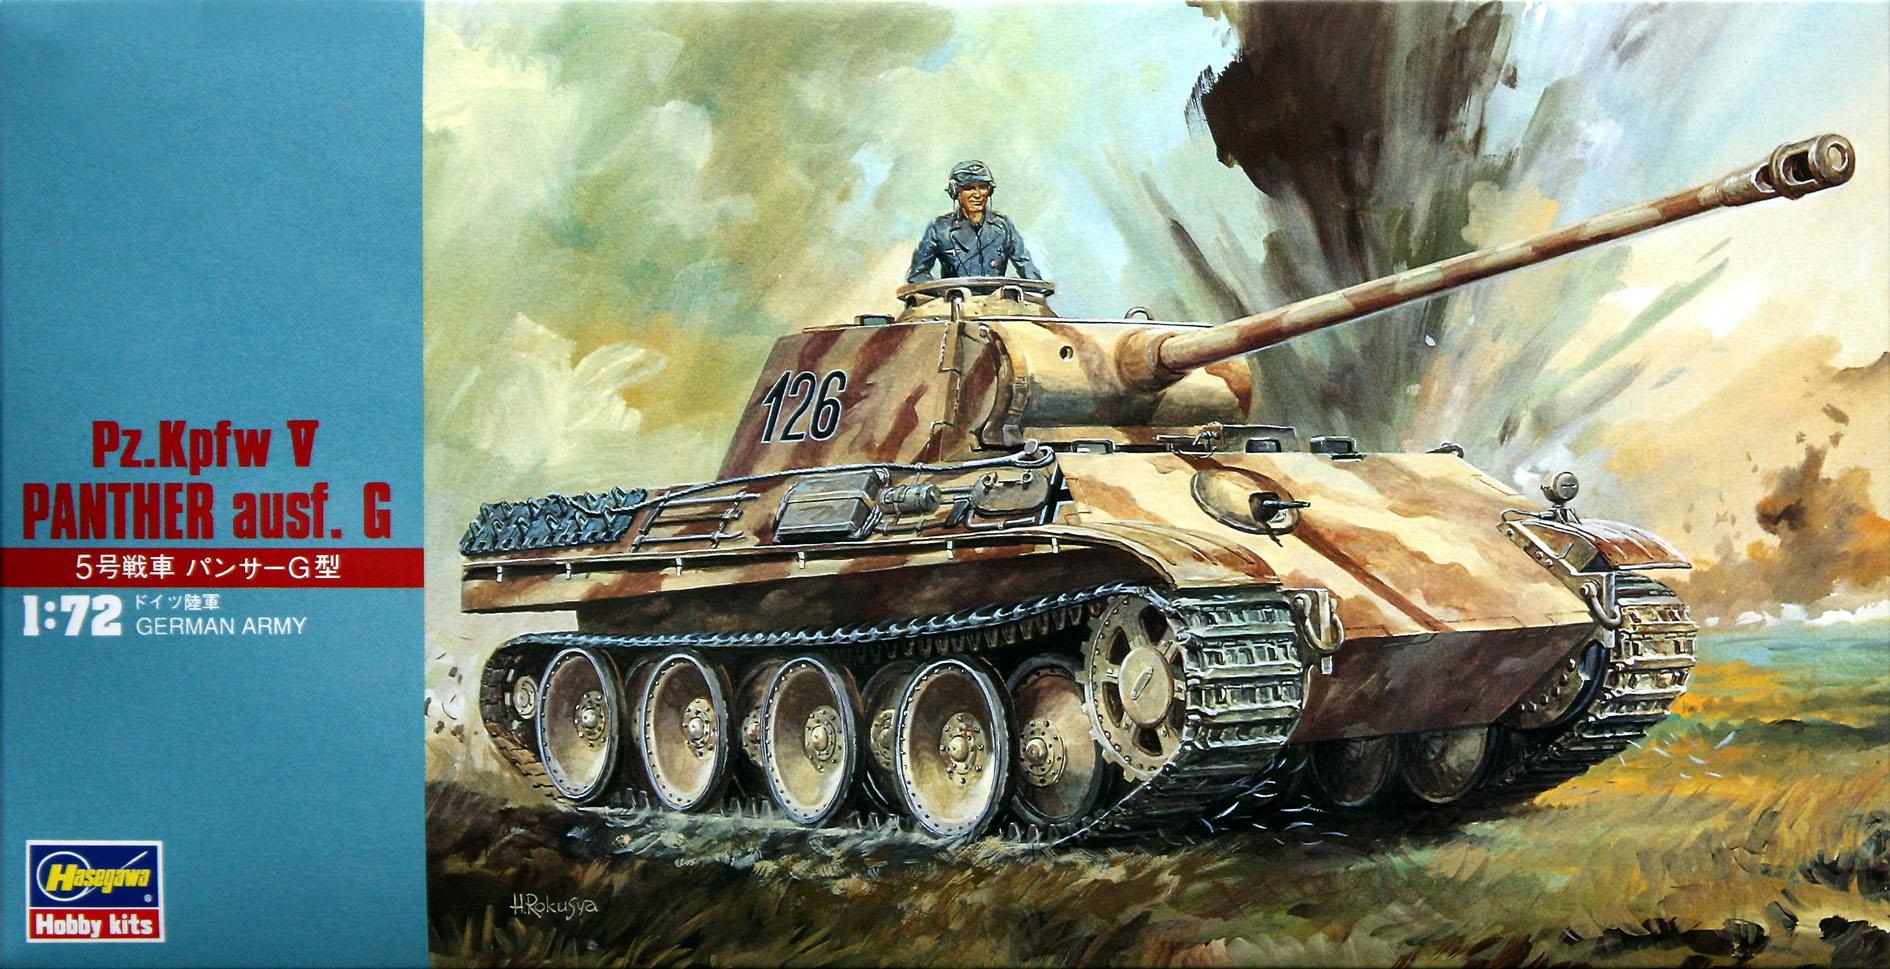 Hasegawa 1/72 Pz.Kpfw V Panther Ausf.G